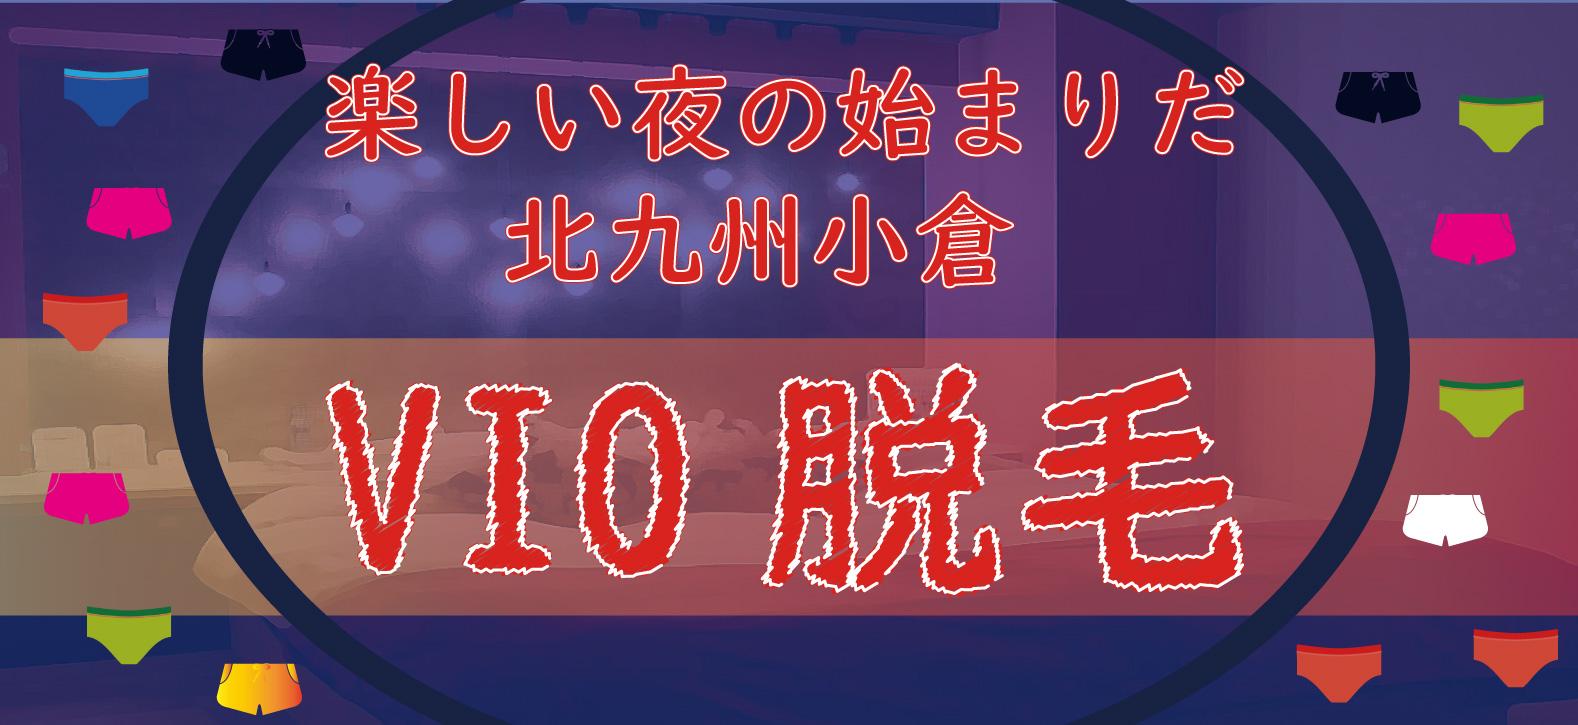 北九州小倉店 メンズVIO脱毛/陰部脱毛